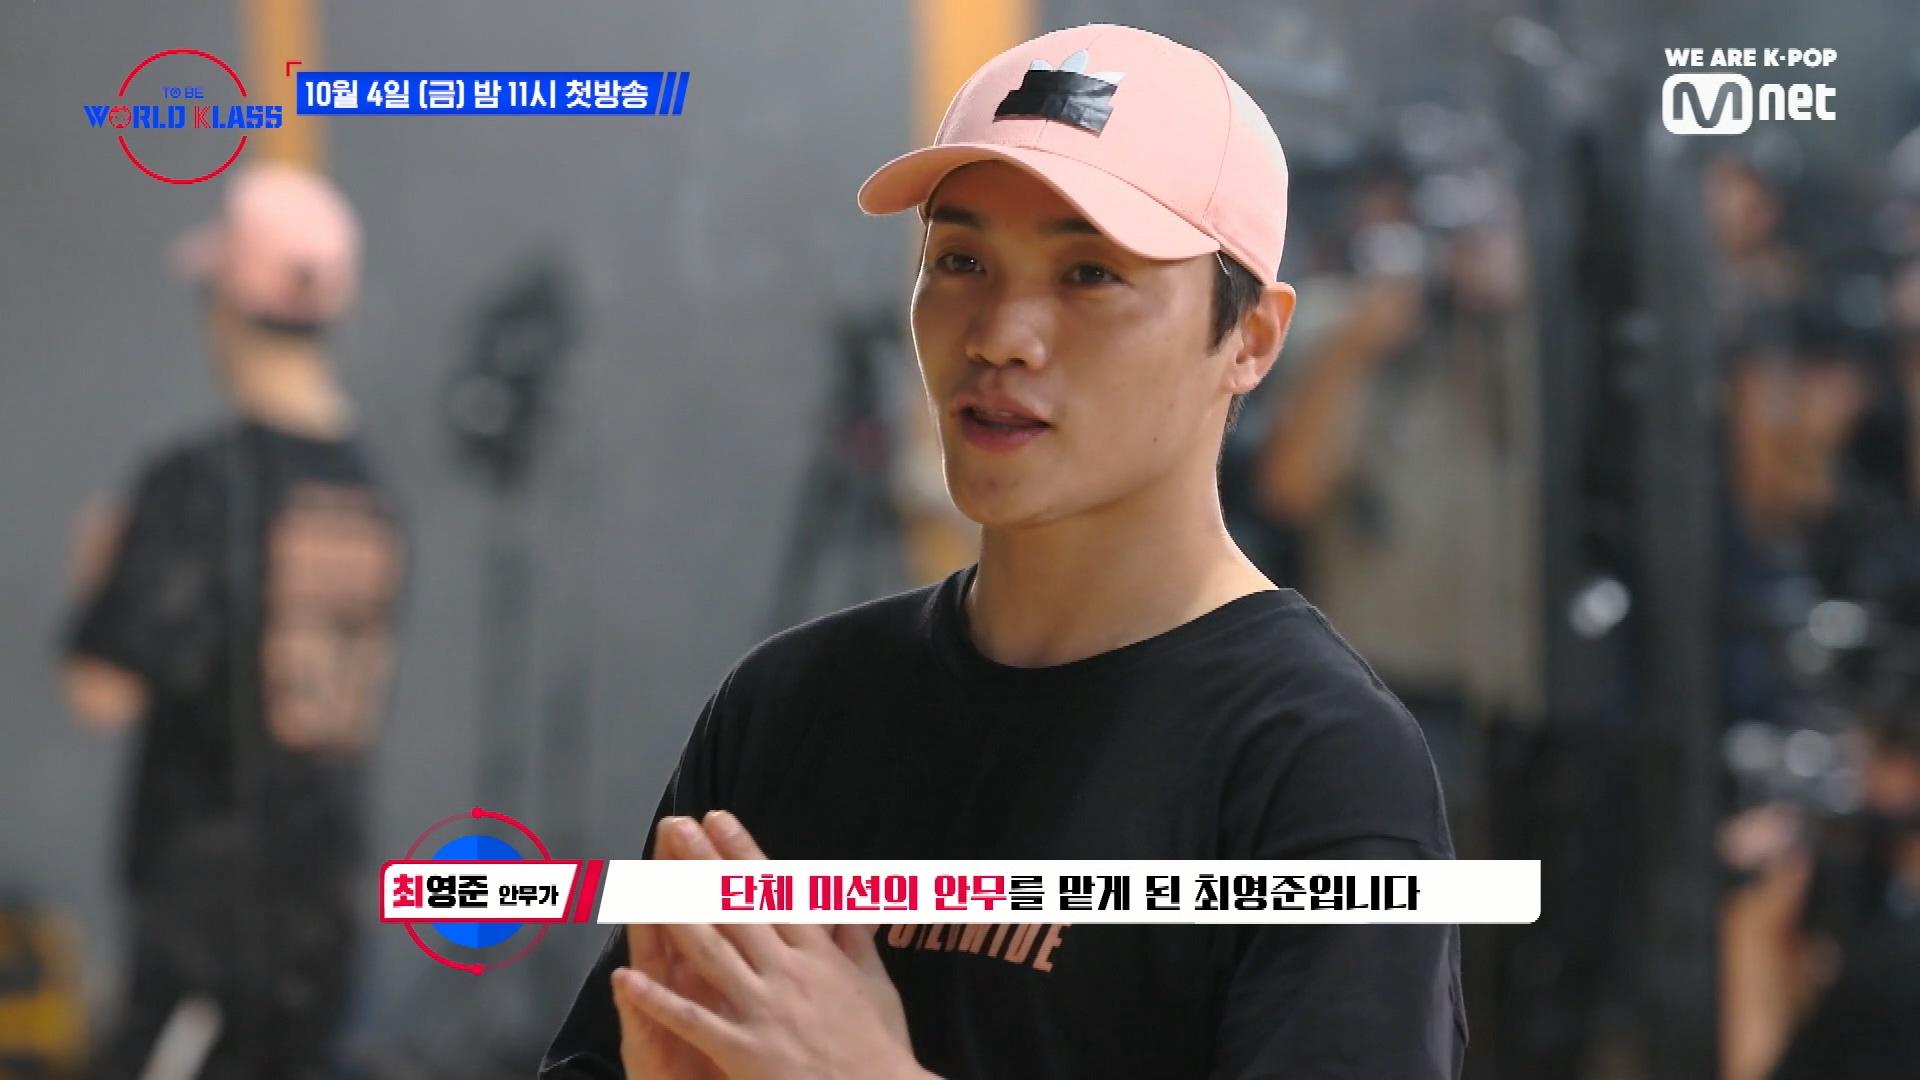 [선공개] ▶안무가 최영준의 기습방문?!◀ 미션곡을 위한 역대급 라인업!!